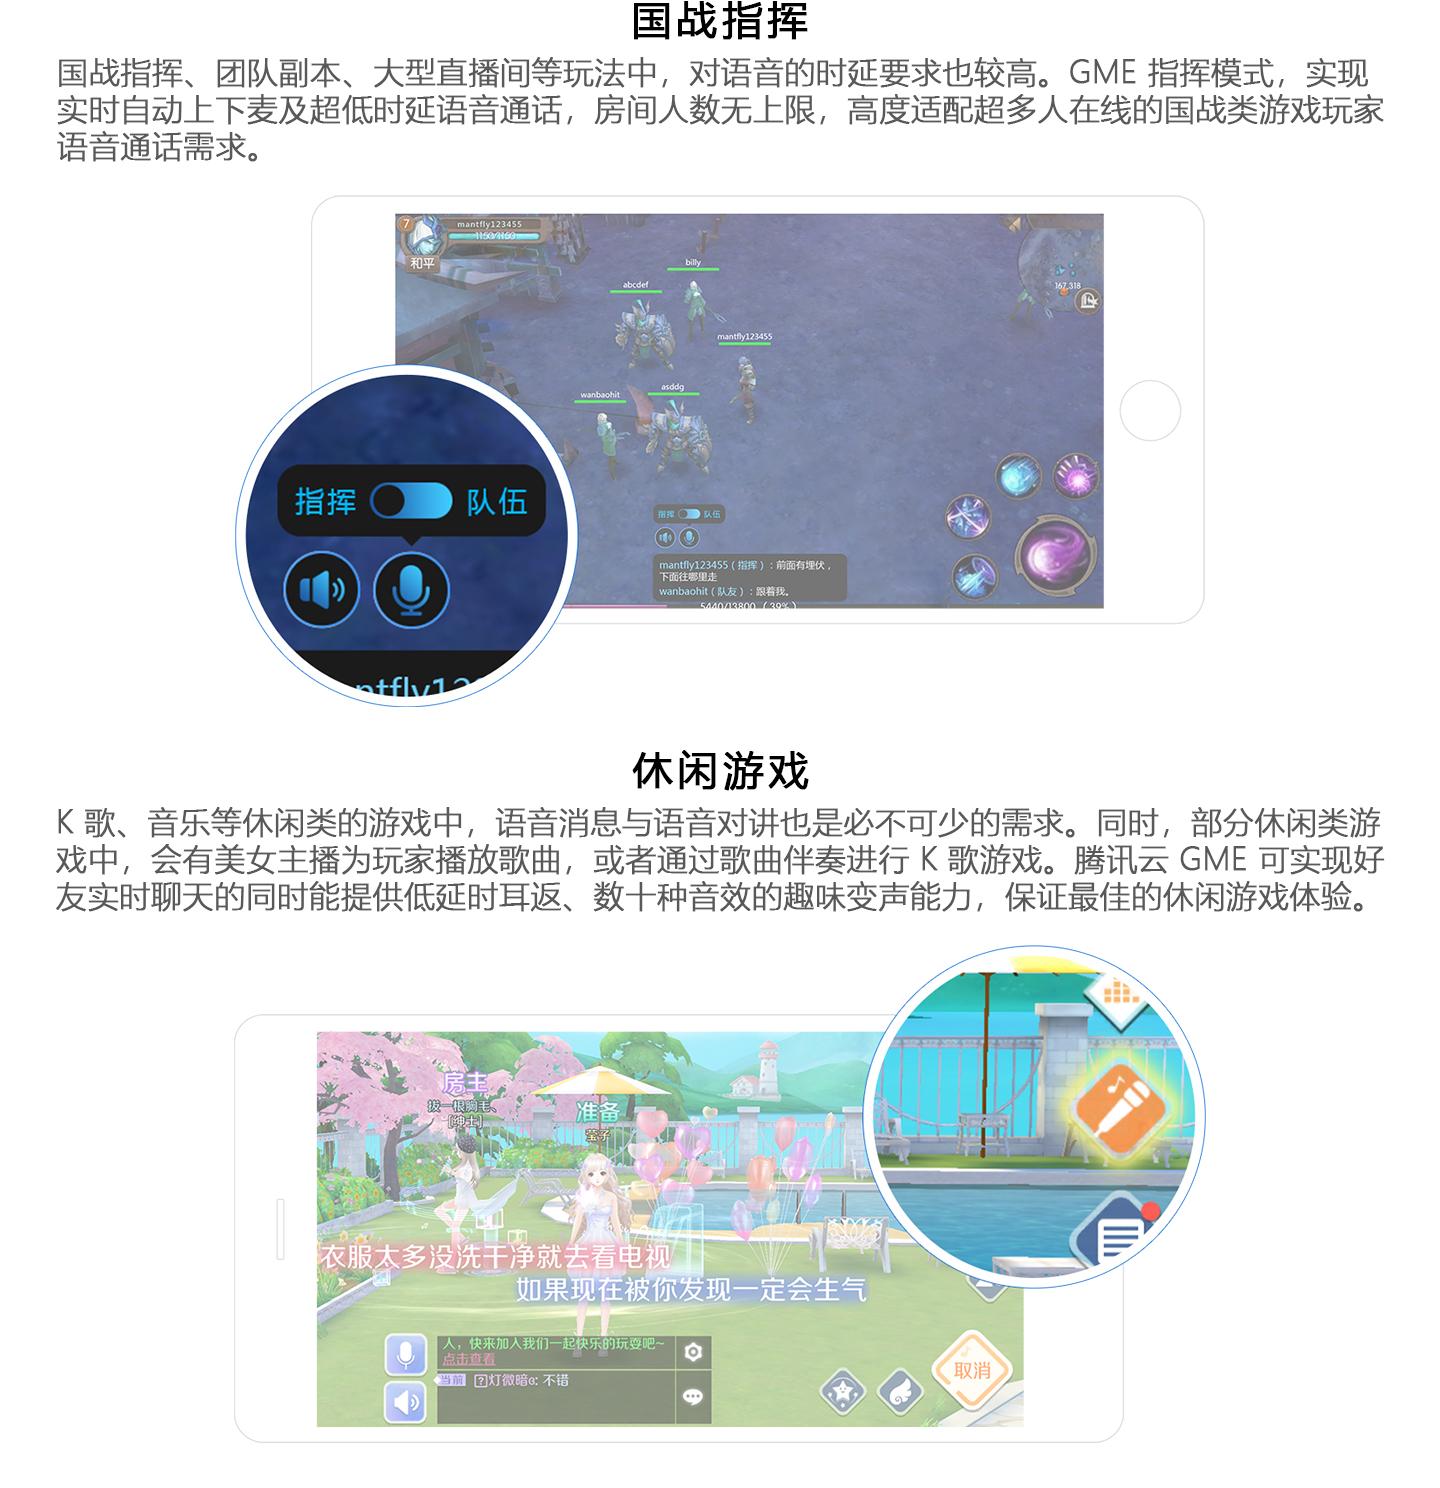 游戏引擎1440_04.jpg